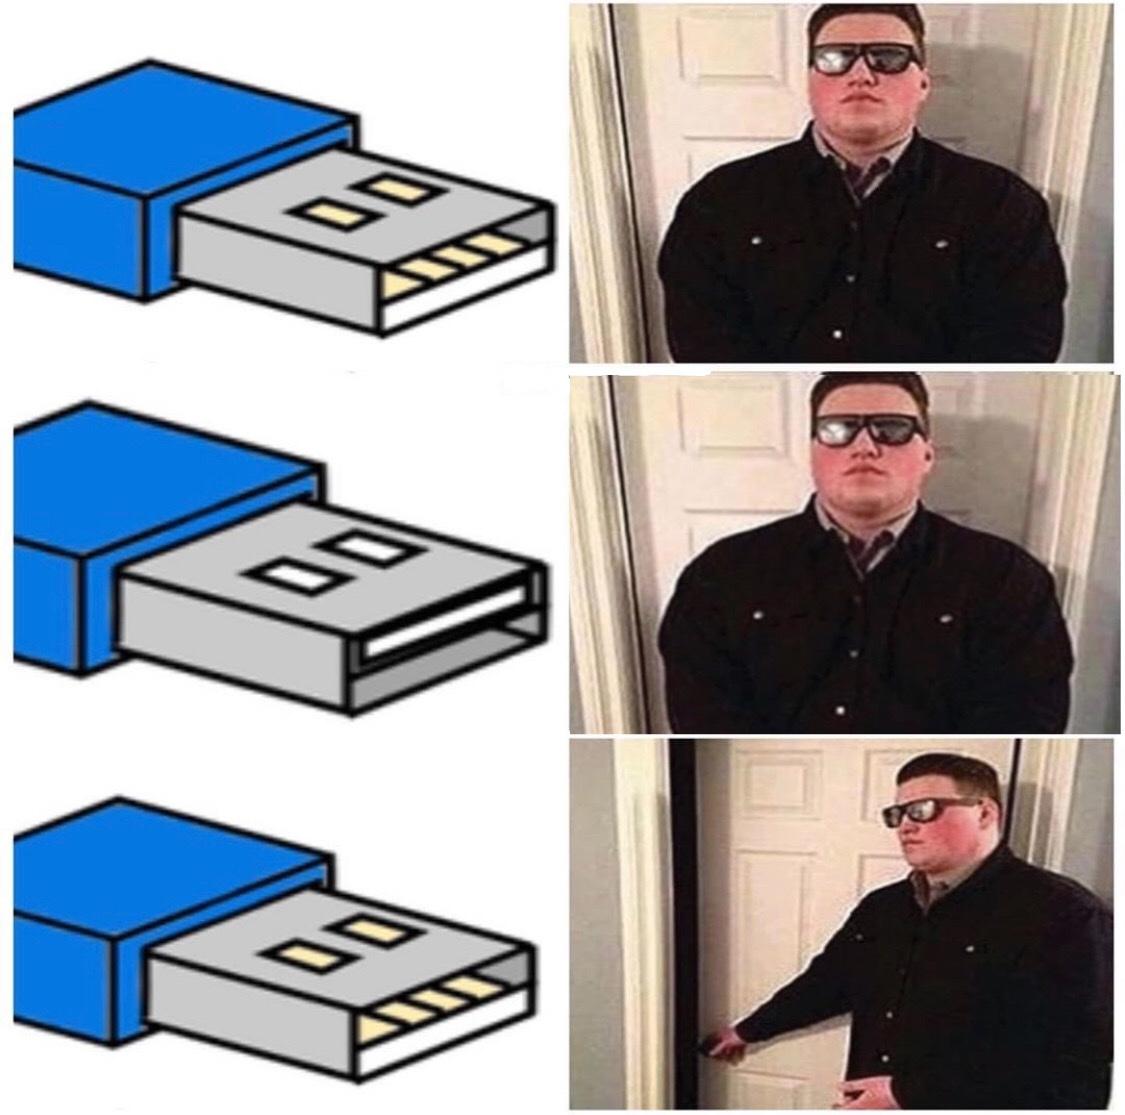 La tercera es la vencida - meme